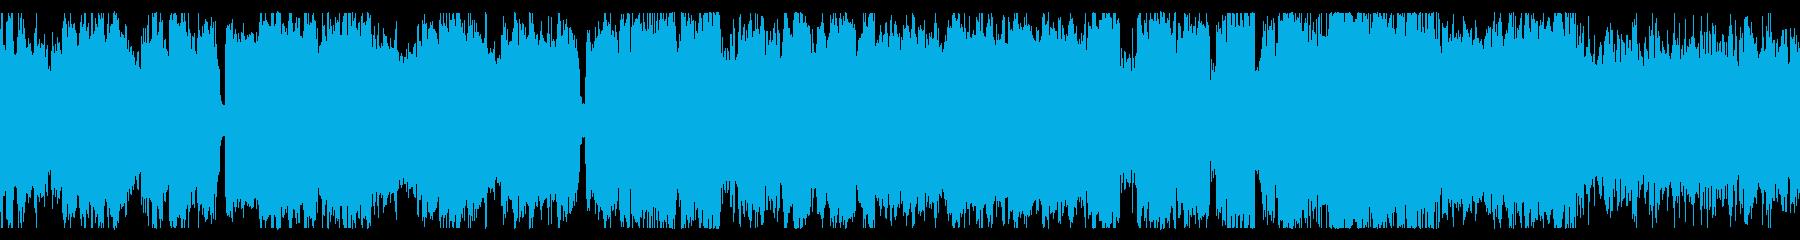 ループ素材 勇壮なチップチューンの再生済みの波形